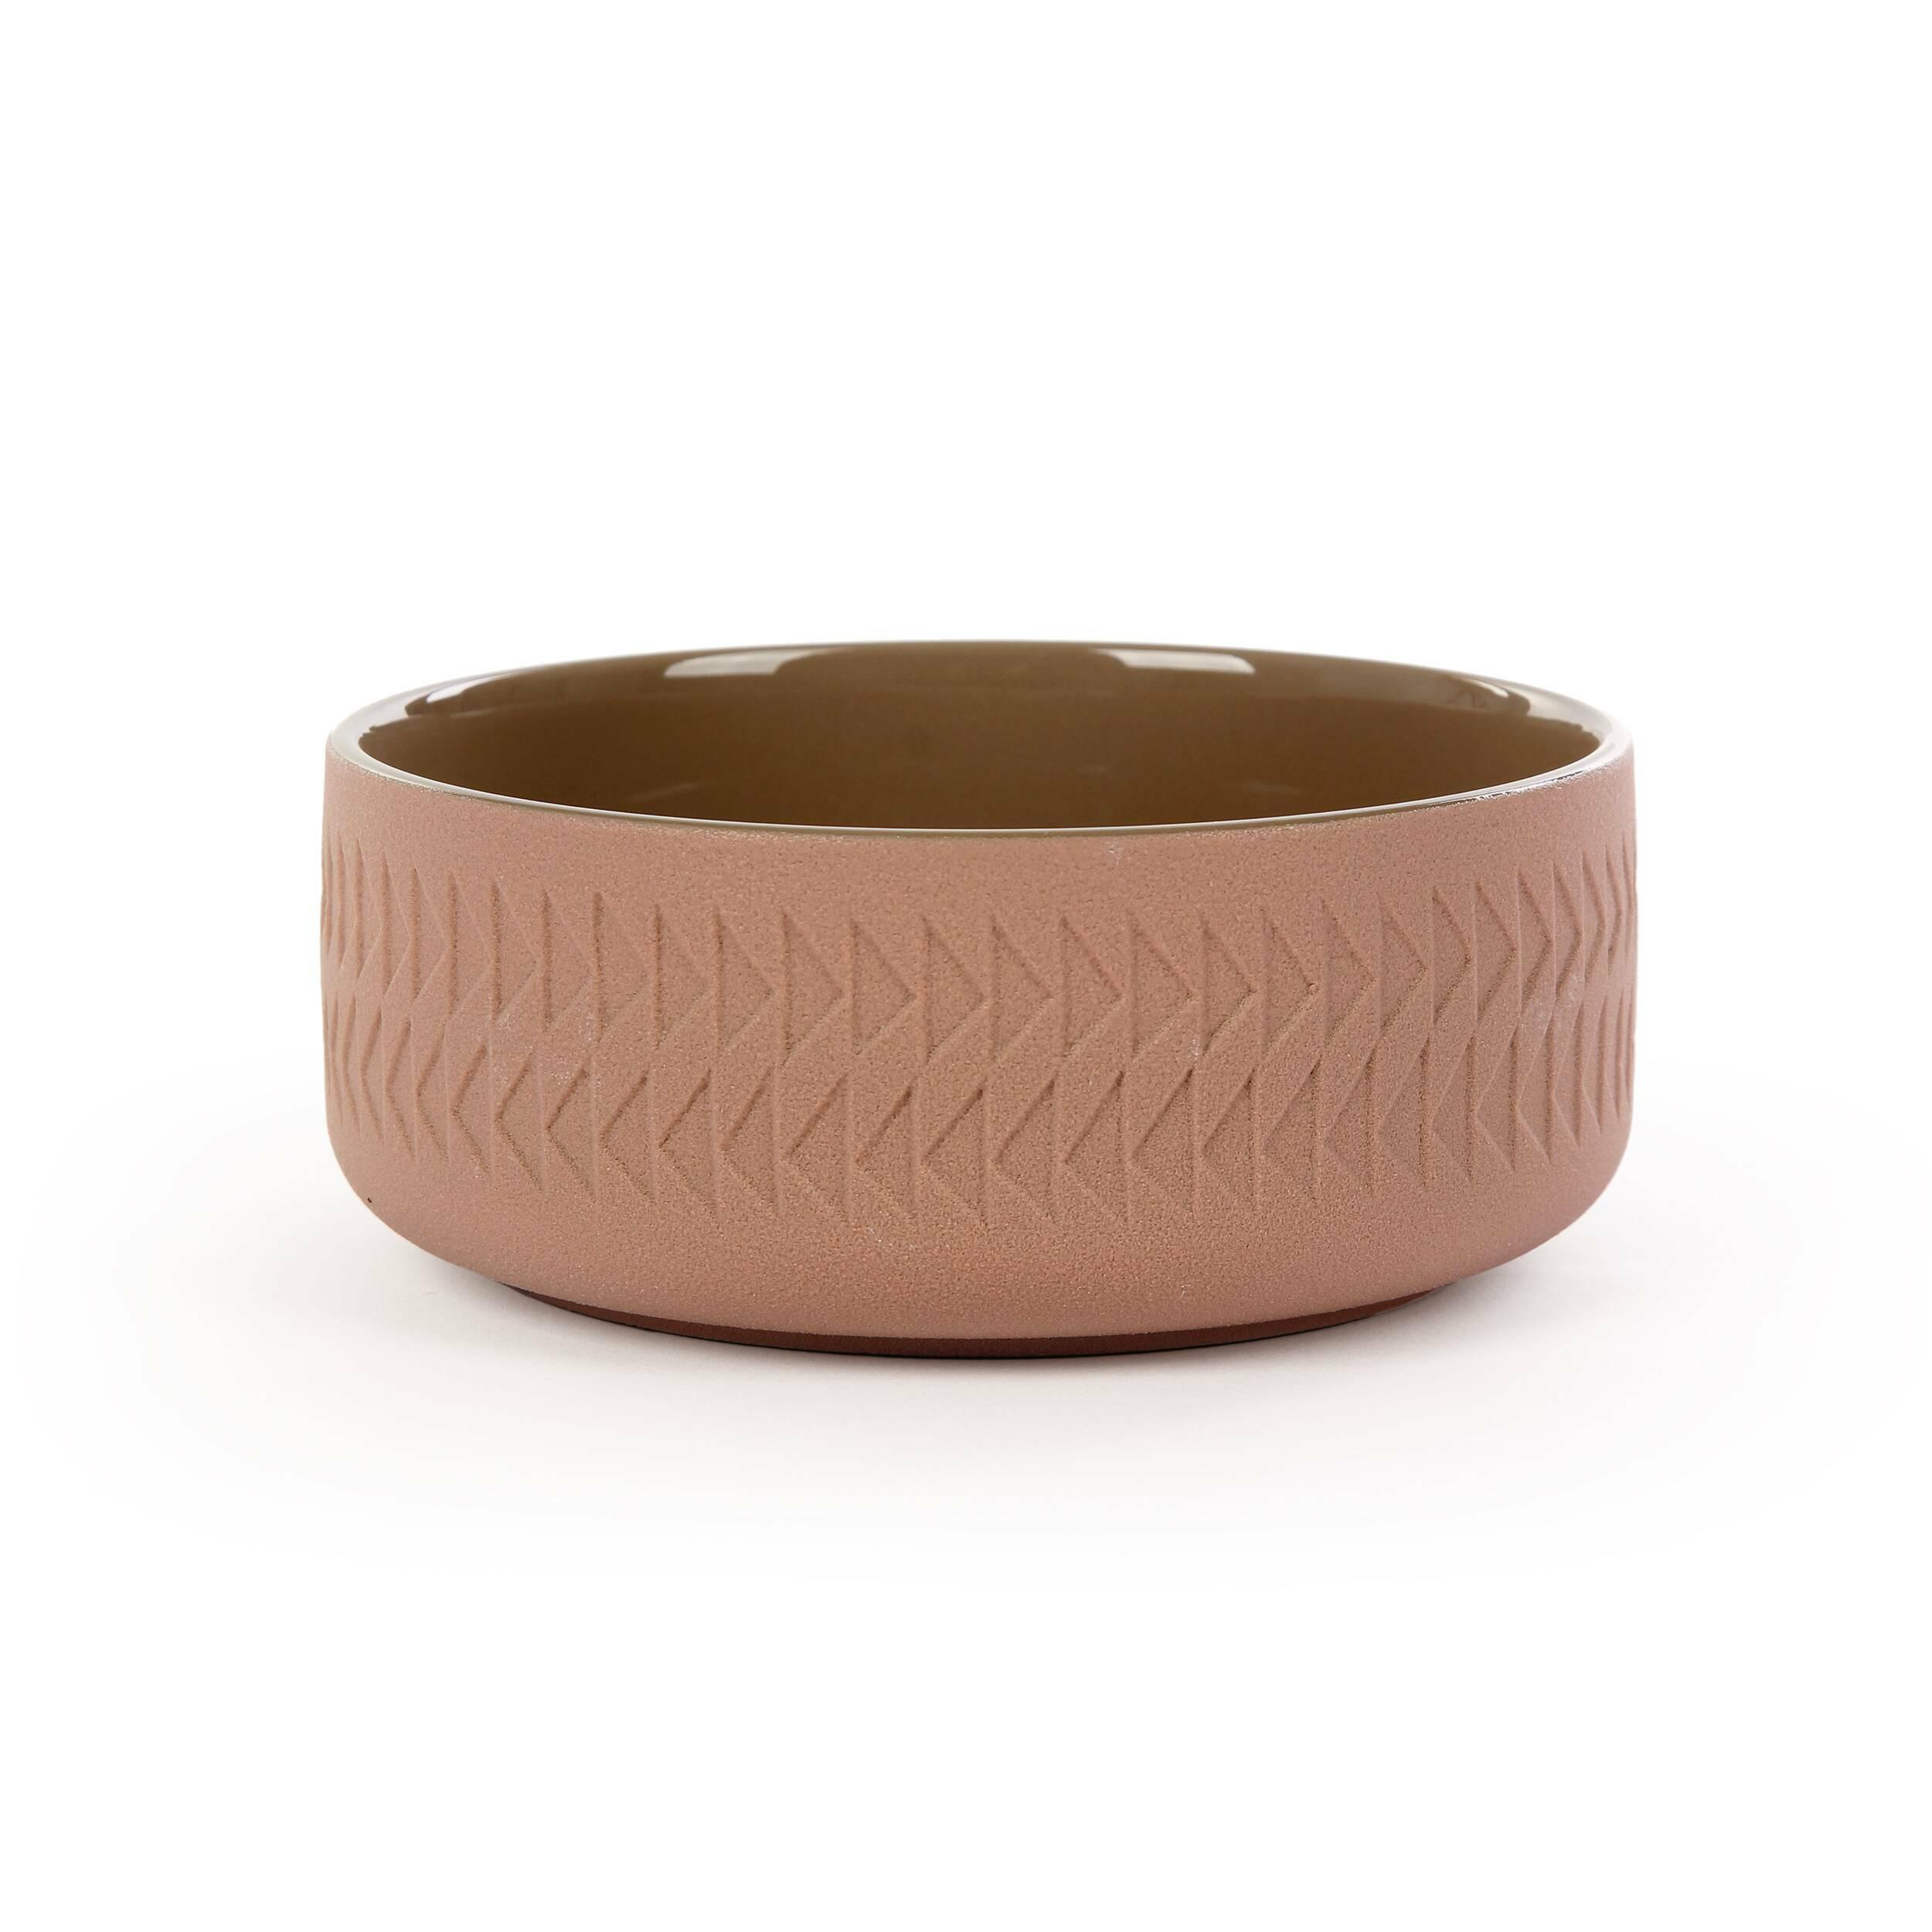 Тарелка Tactile диаметр 15Посуда<br>Коллекция Tactile сочетает в себе черты скандинавского минимализма и яркую геометрию японского стиля. Изделия этой коллекции отличаются необыкновенной красотой пропорций и аккуратного, «тактильного» узора. Все модели выполнены в завораживающих шоколадных оттенках.<br><br><br> Коллекция Tactile включает в себя изящные модели тарелок и мисок, вазы, чашки и другие принадлежности, способные украсить собой любой обеденный стол. Внутренняя полость сосудов идеально гладкая и очень красиво сочетается с ...<br><br>stock: 88<br>Высота: 6,1<br>Материал: Глина<br>Цвет: Коричневый<br>Диаметр: 15